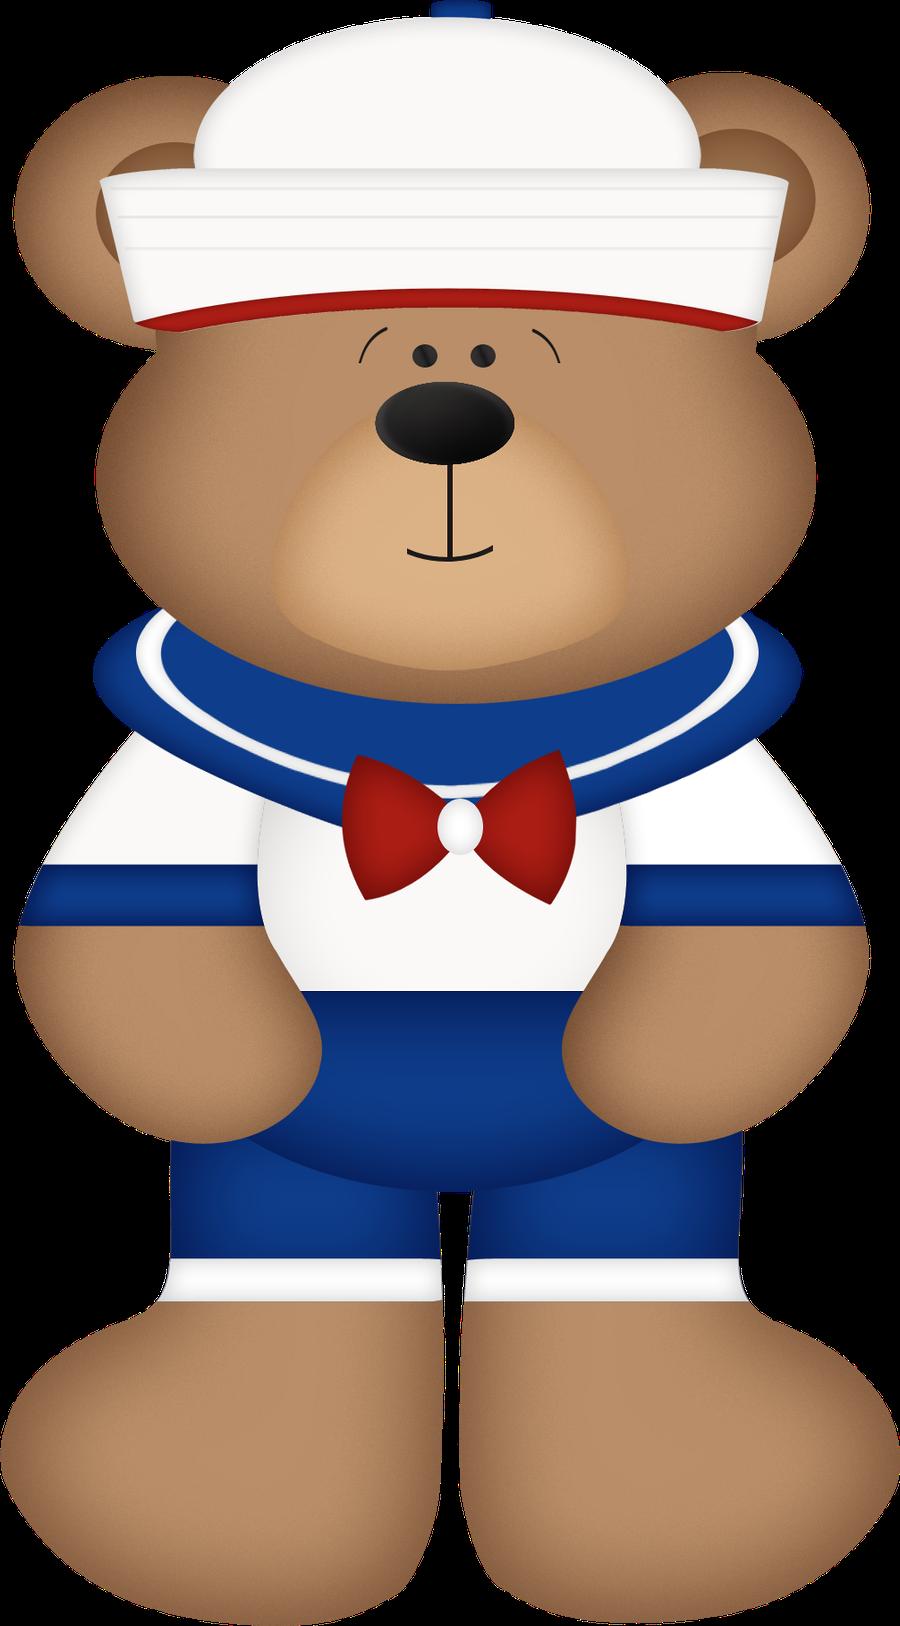 Http danimfalcao minus com. Clipart bear goldilocks